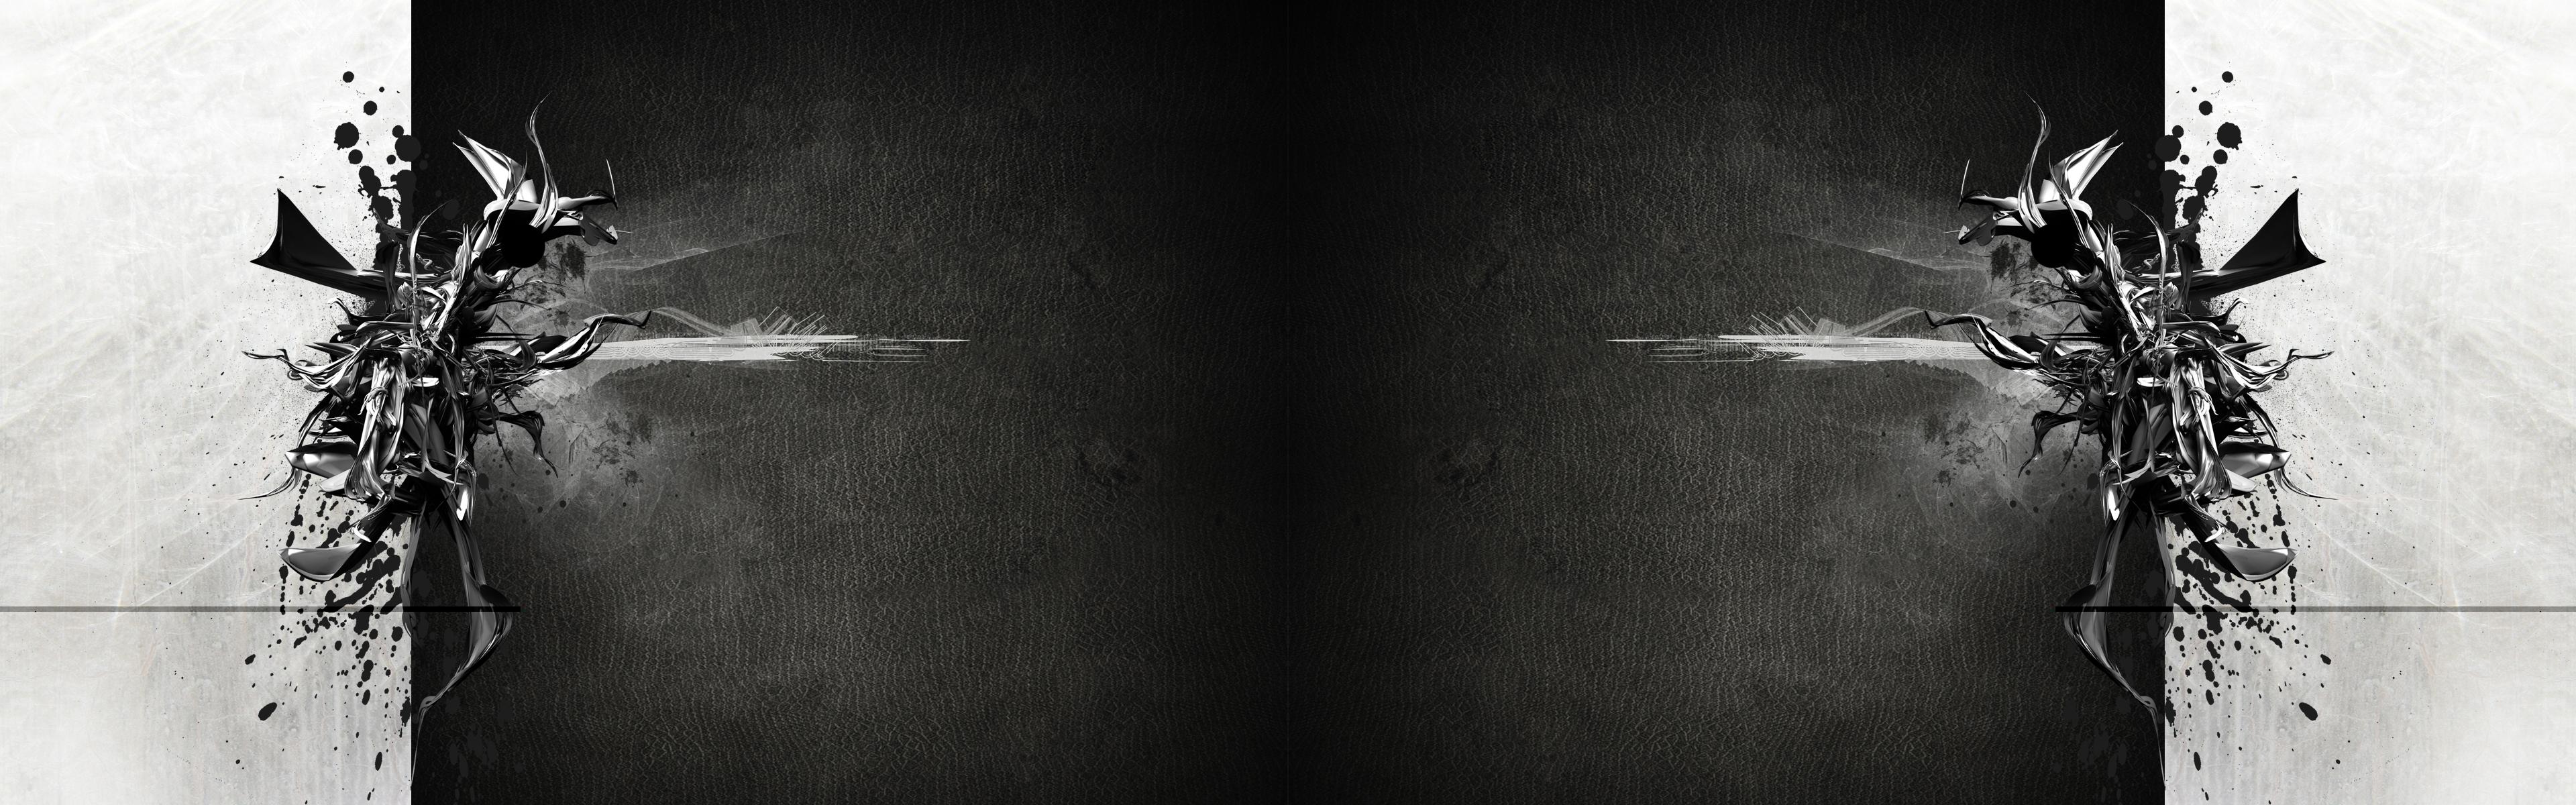 Disney Dual Monitor Wallpaper - WallpaperSafari